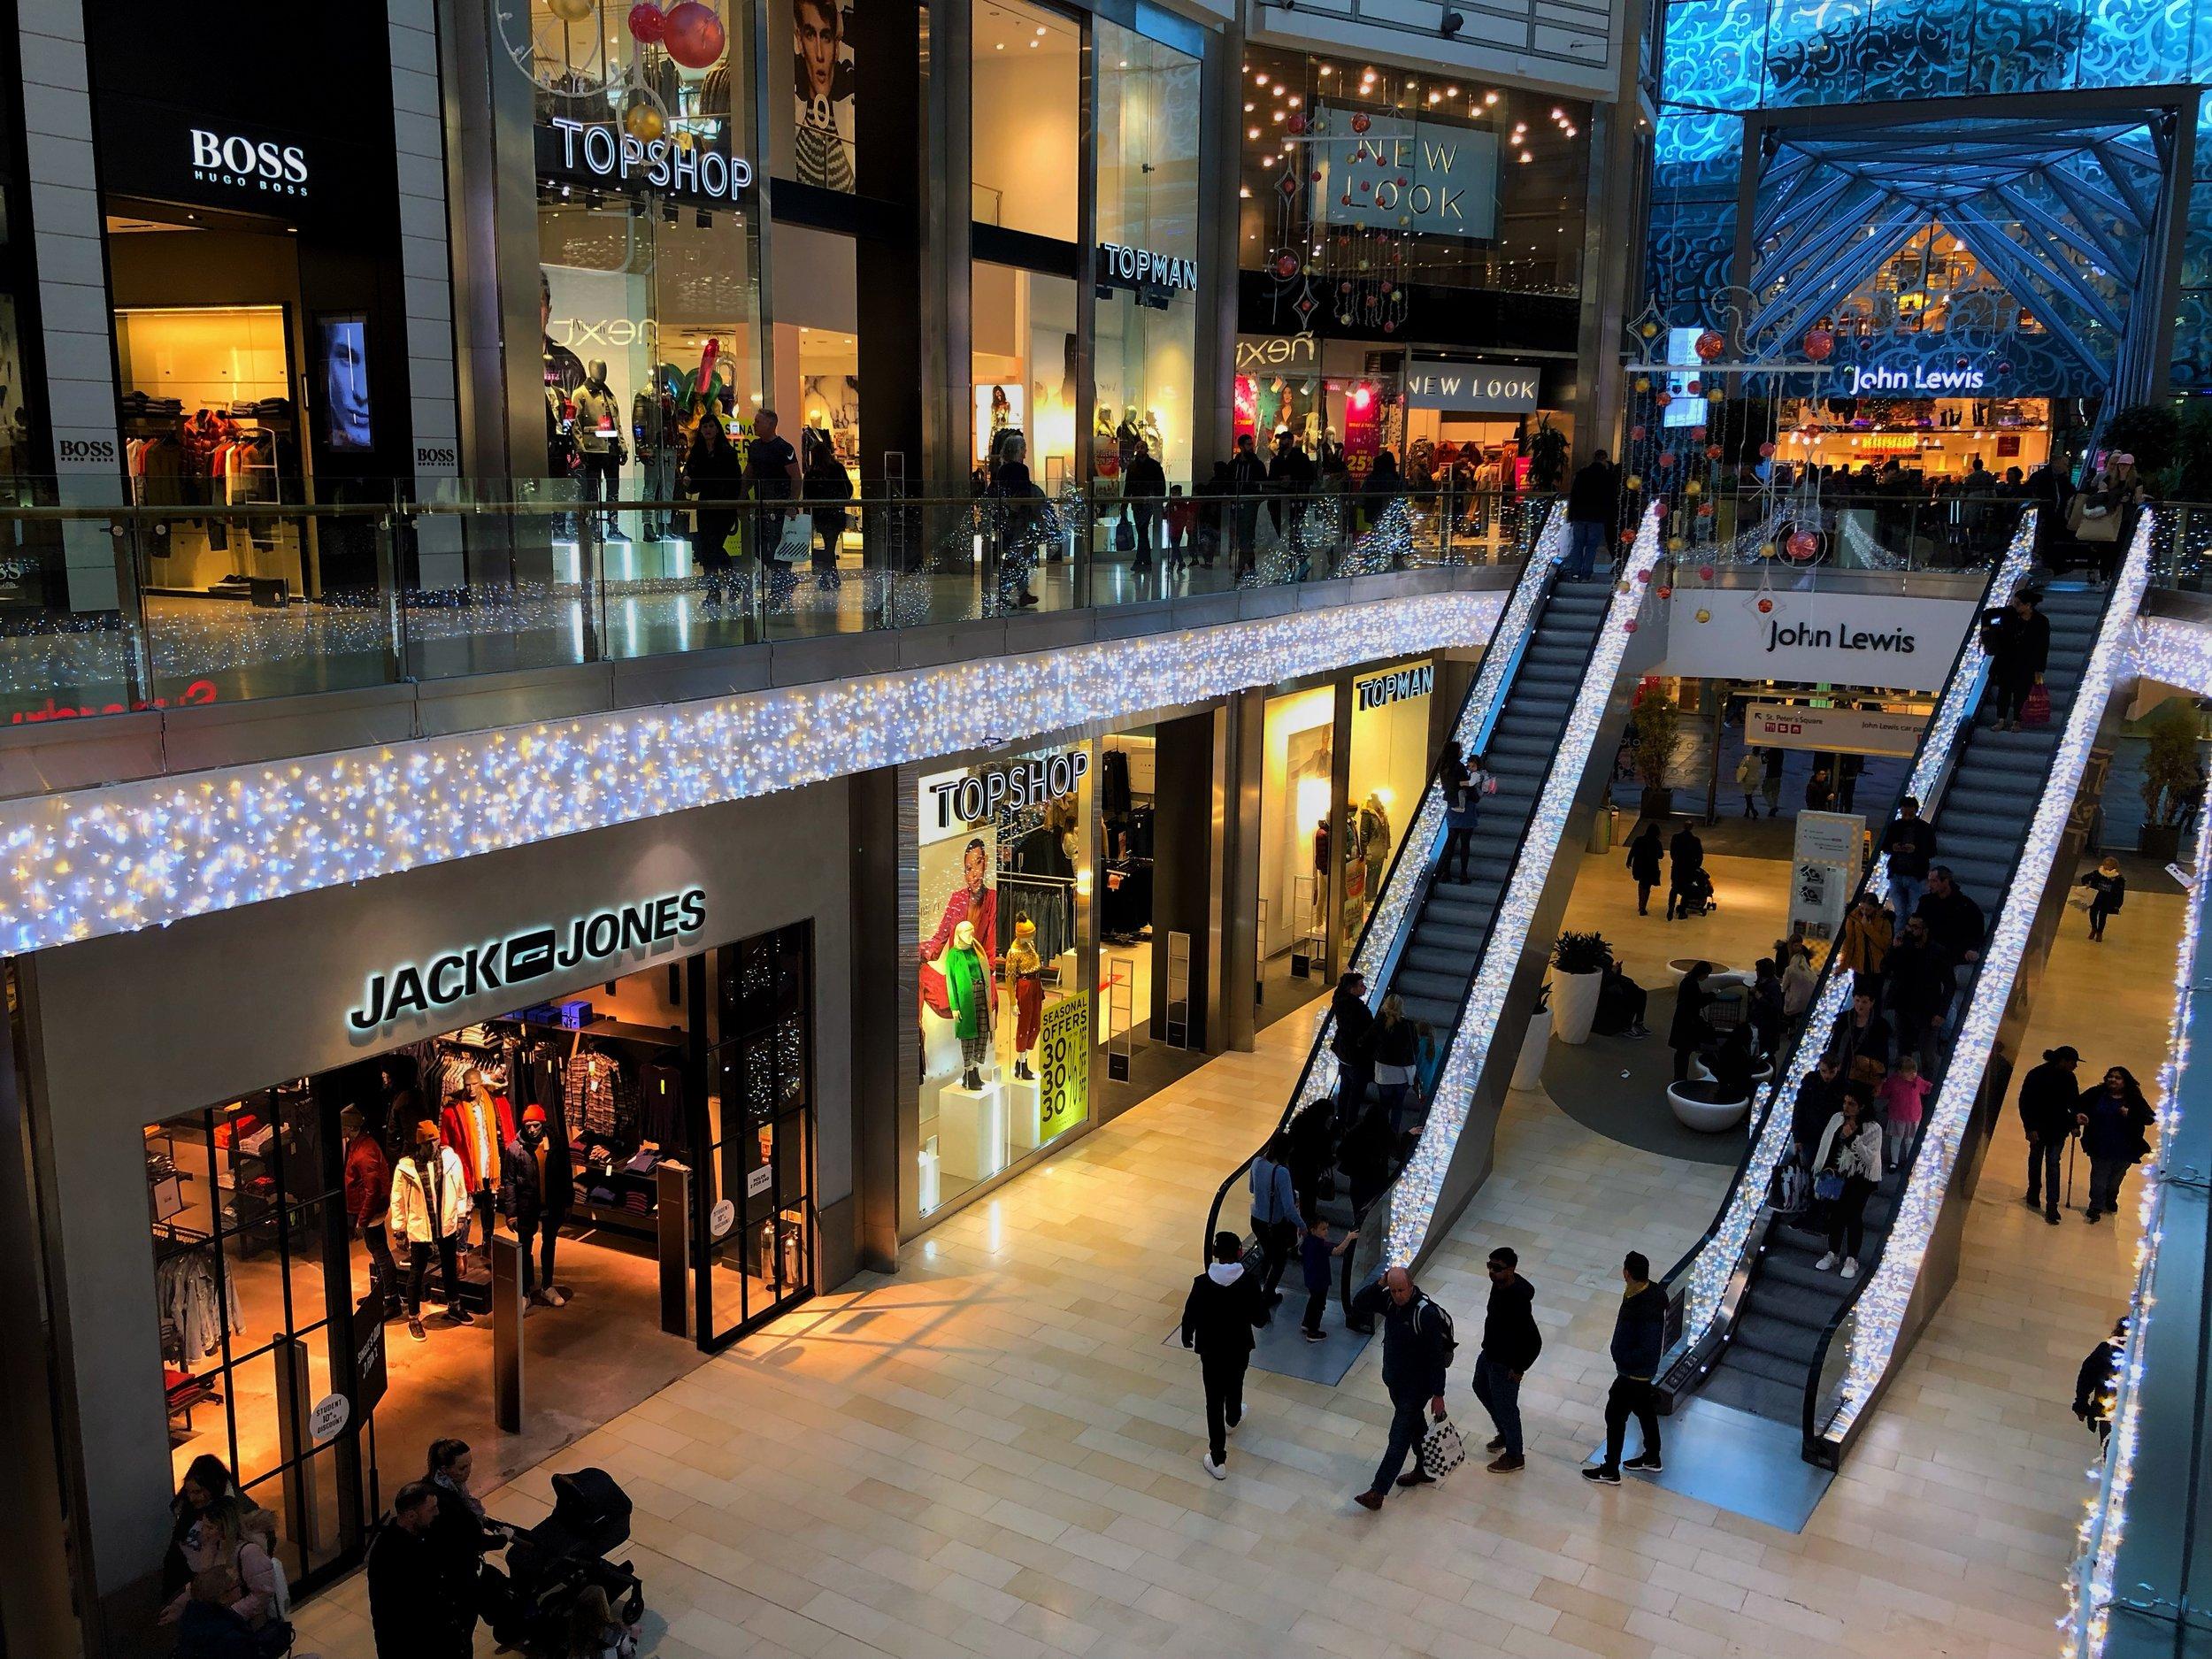 West Edmonton Mall   Köpcentrumet är kanske stadens mest kända byggnad och det tredje största köpcentrumet i hela världen. Här inne finns det över 800 butiker, restauranger och mycket mer. Planera ditt besök väl för hit reser närmare 30 miljoner människor årligen. Meddela oss om du önskar hyrbil.